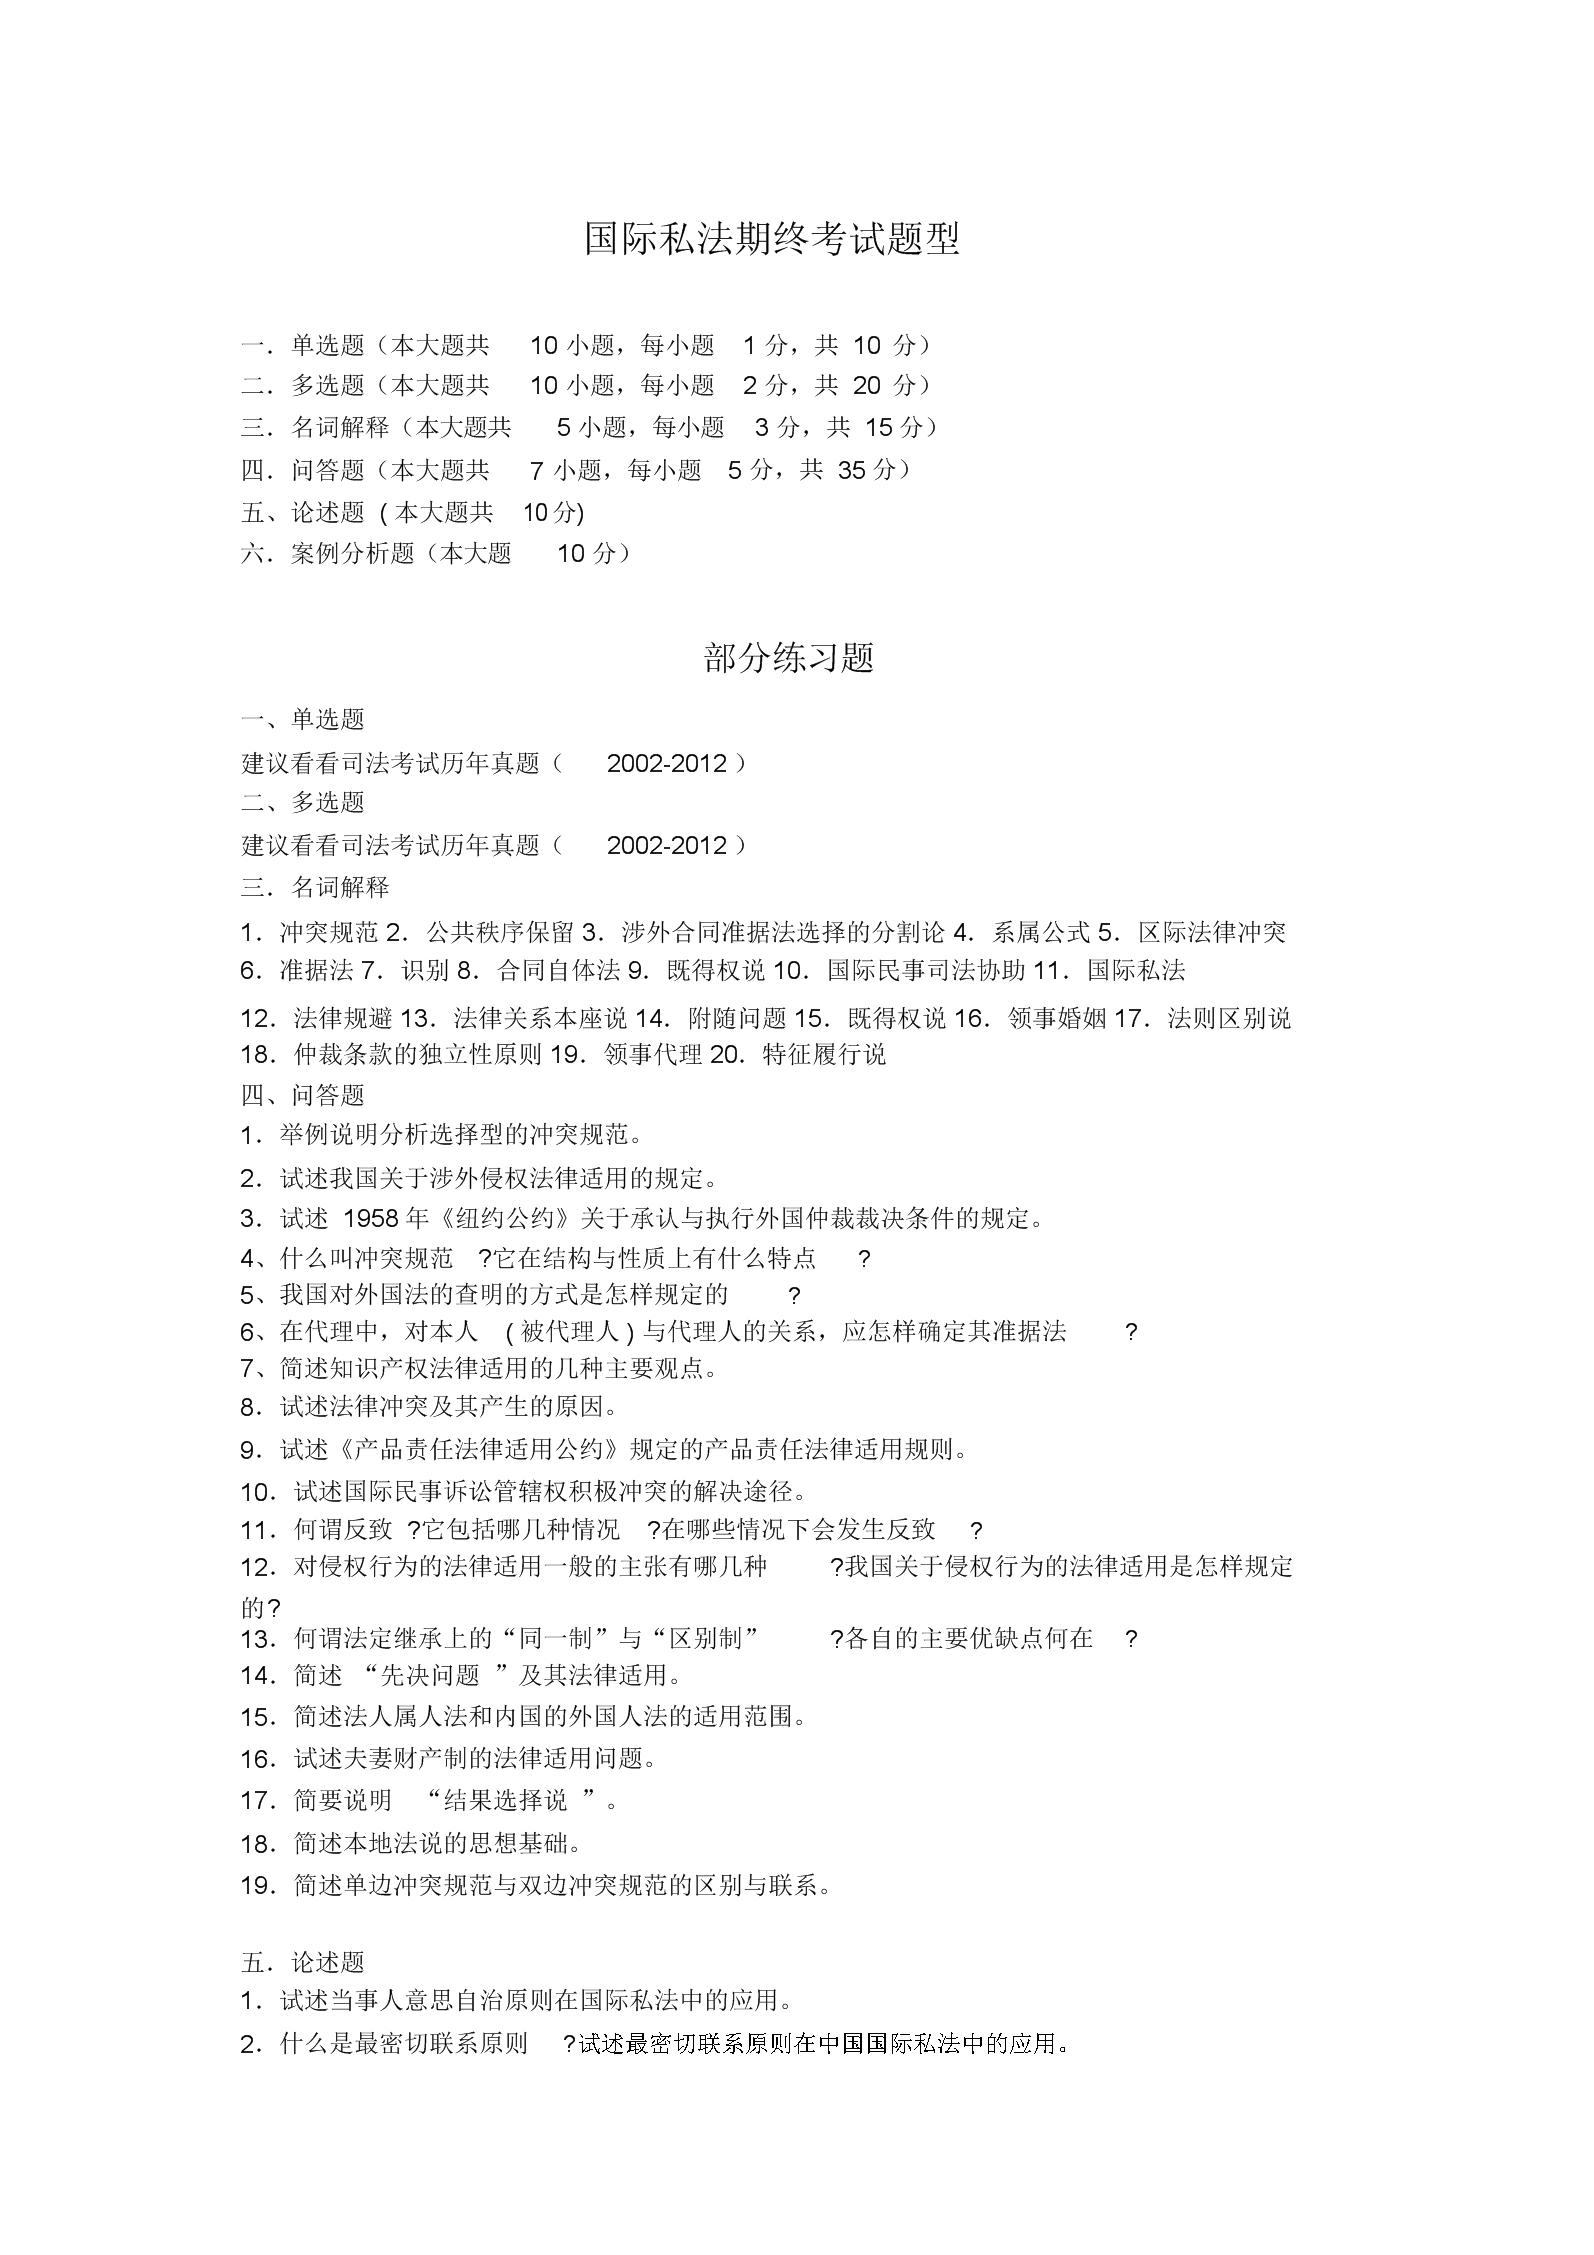 (完整版)国际私法期终考试题型.doc